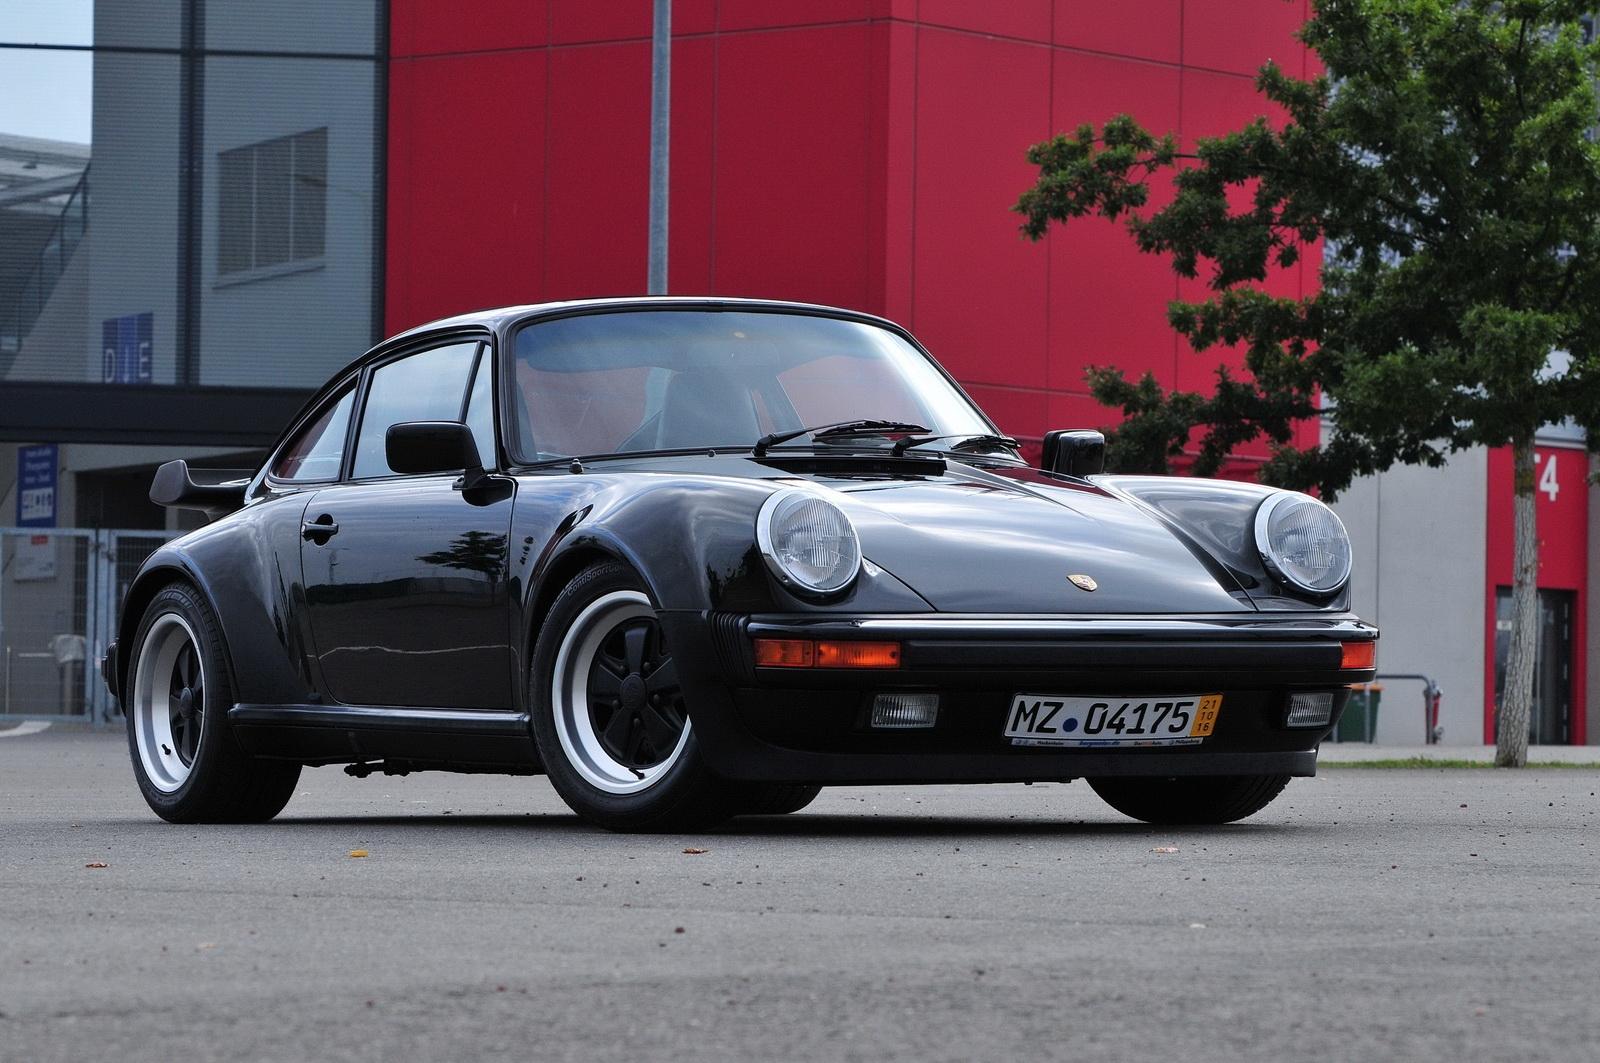 Porsche 911 Carrera 3 2 Angebote Kaufberatung Elferspot Com